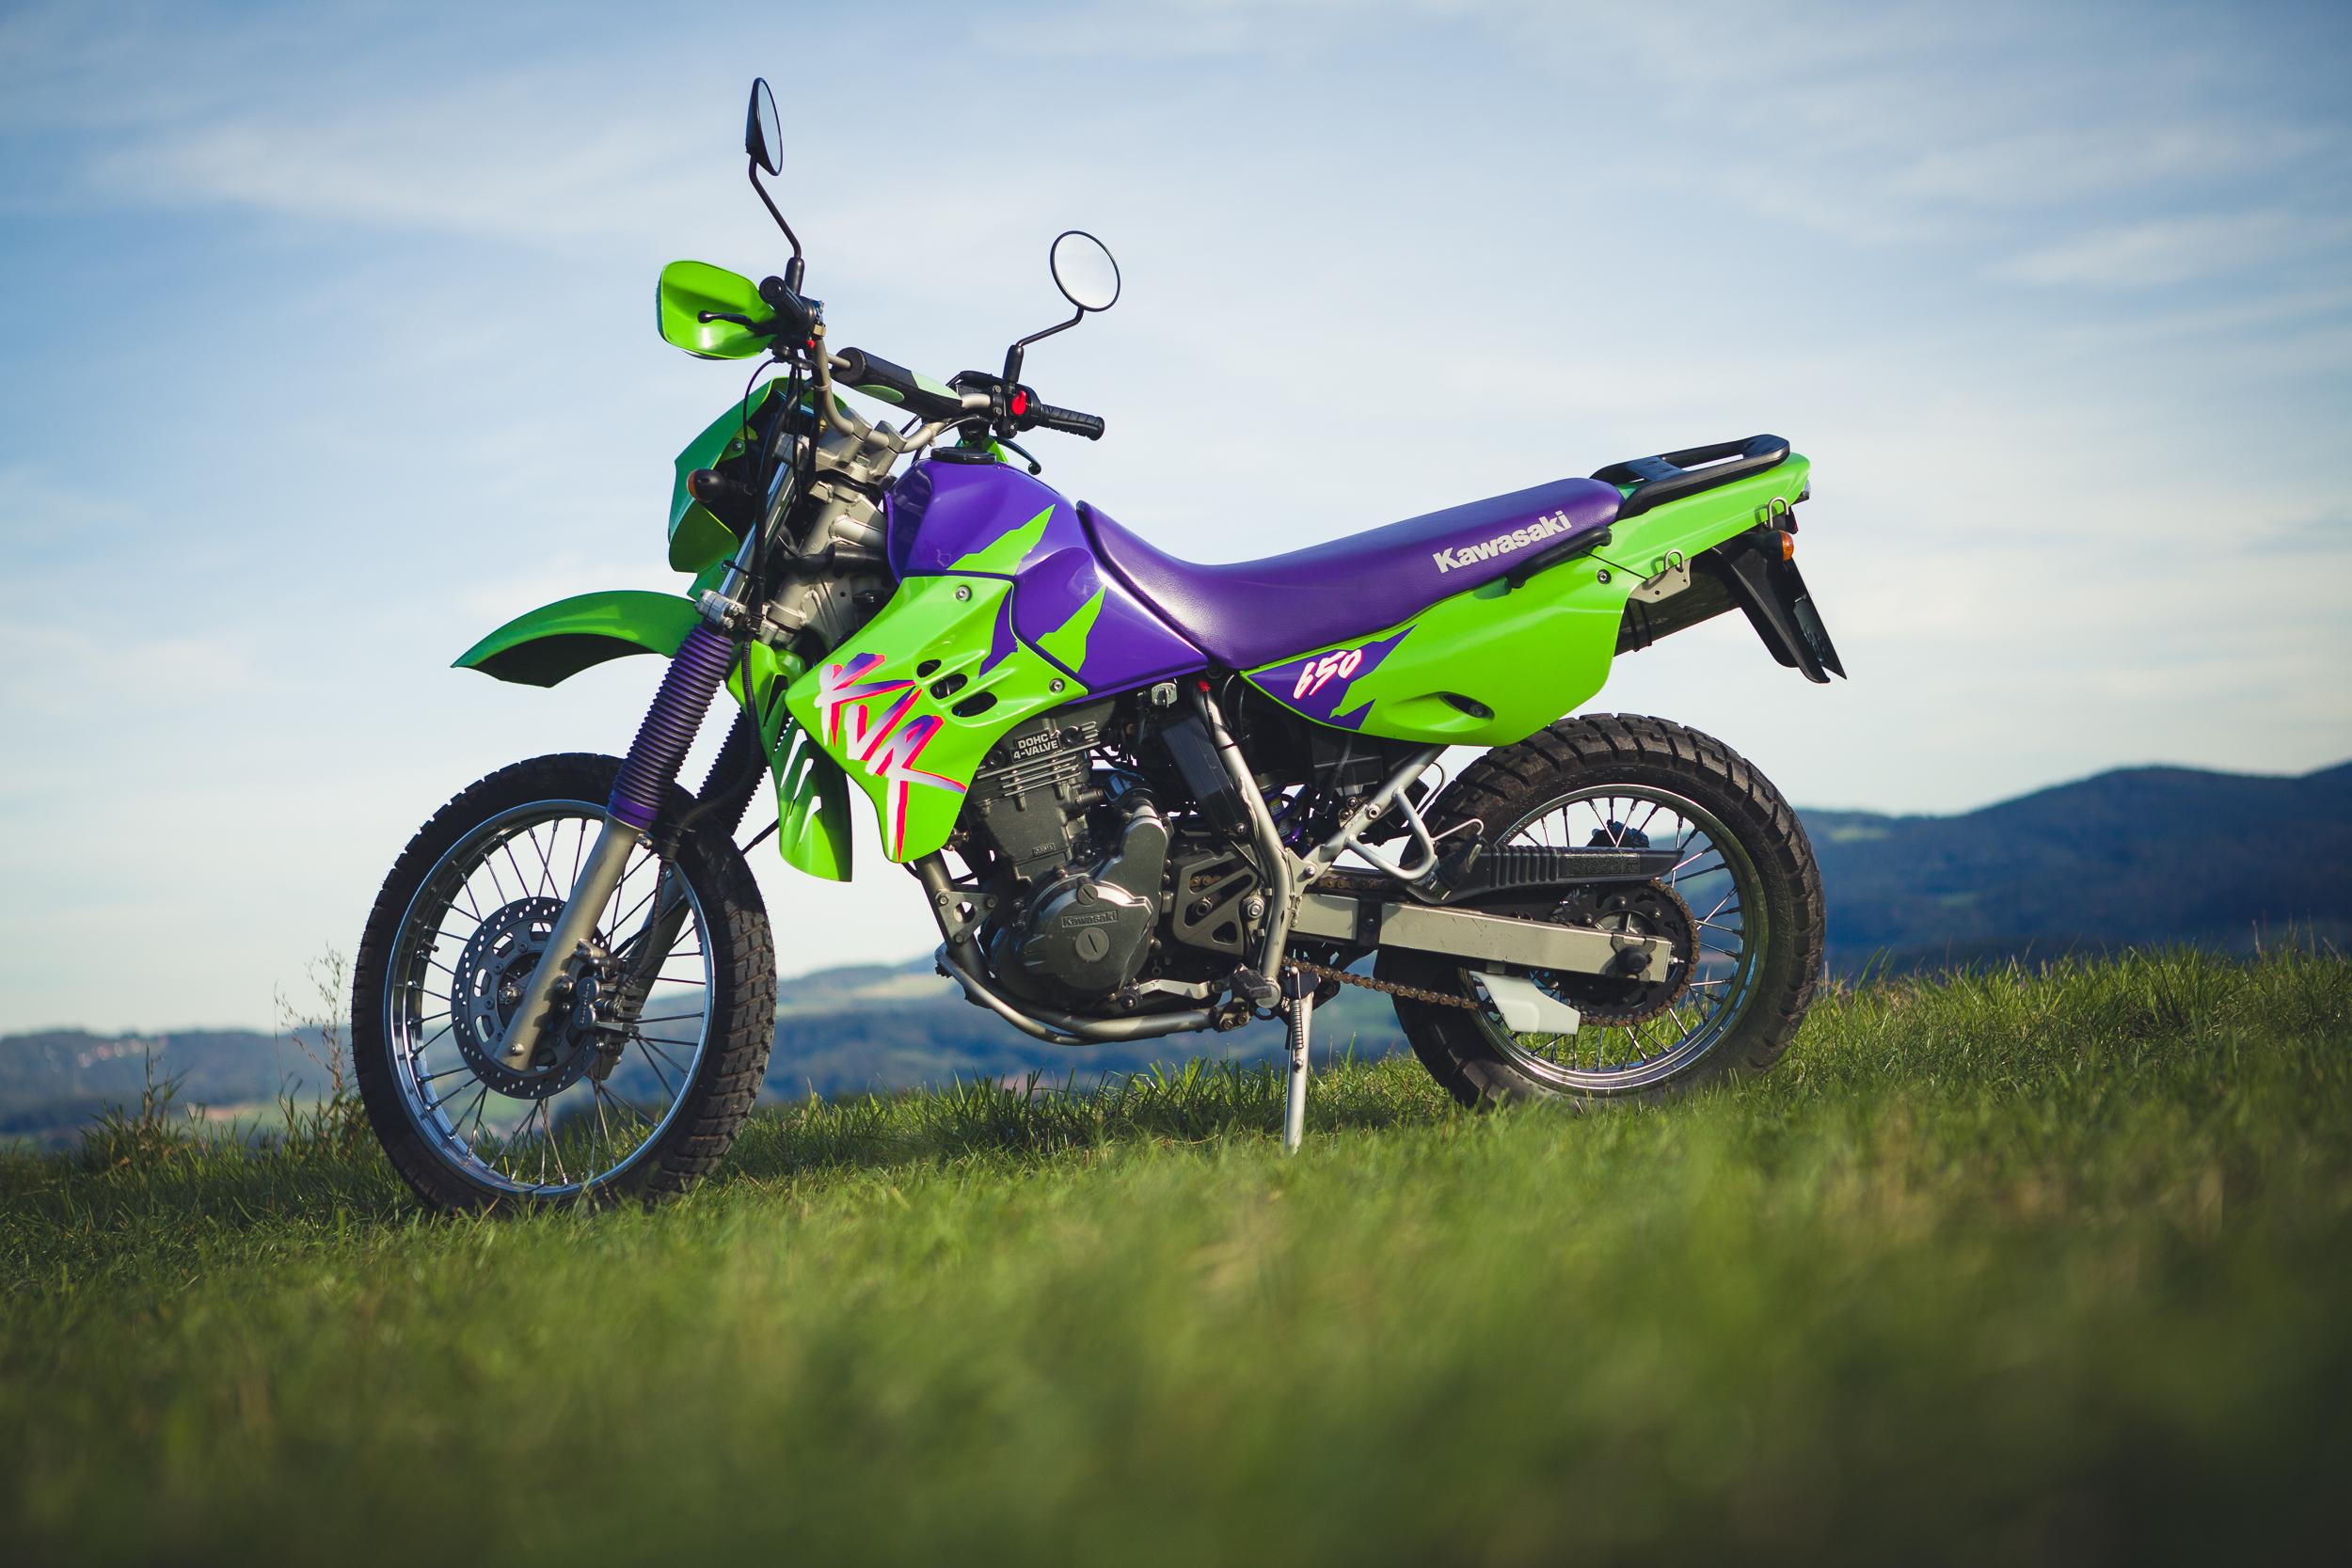 Kawasaki-HD-131003-0014